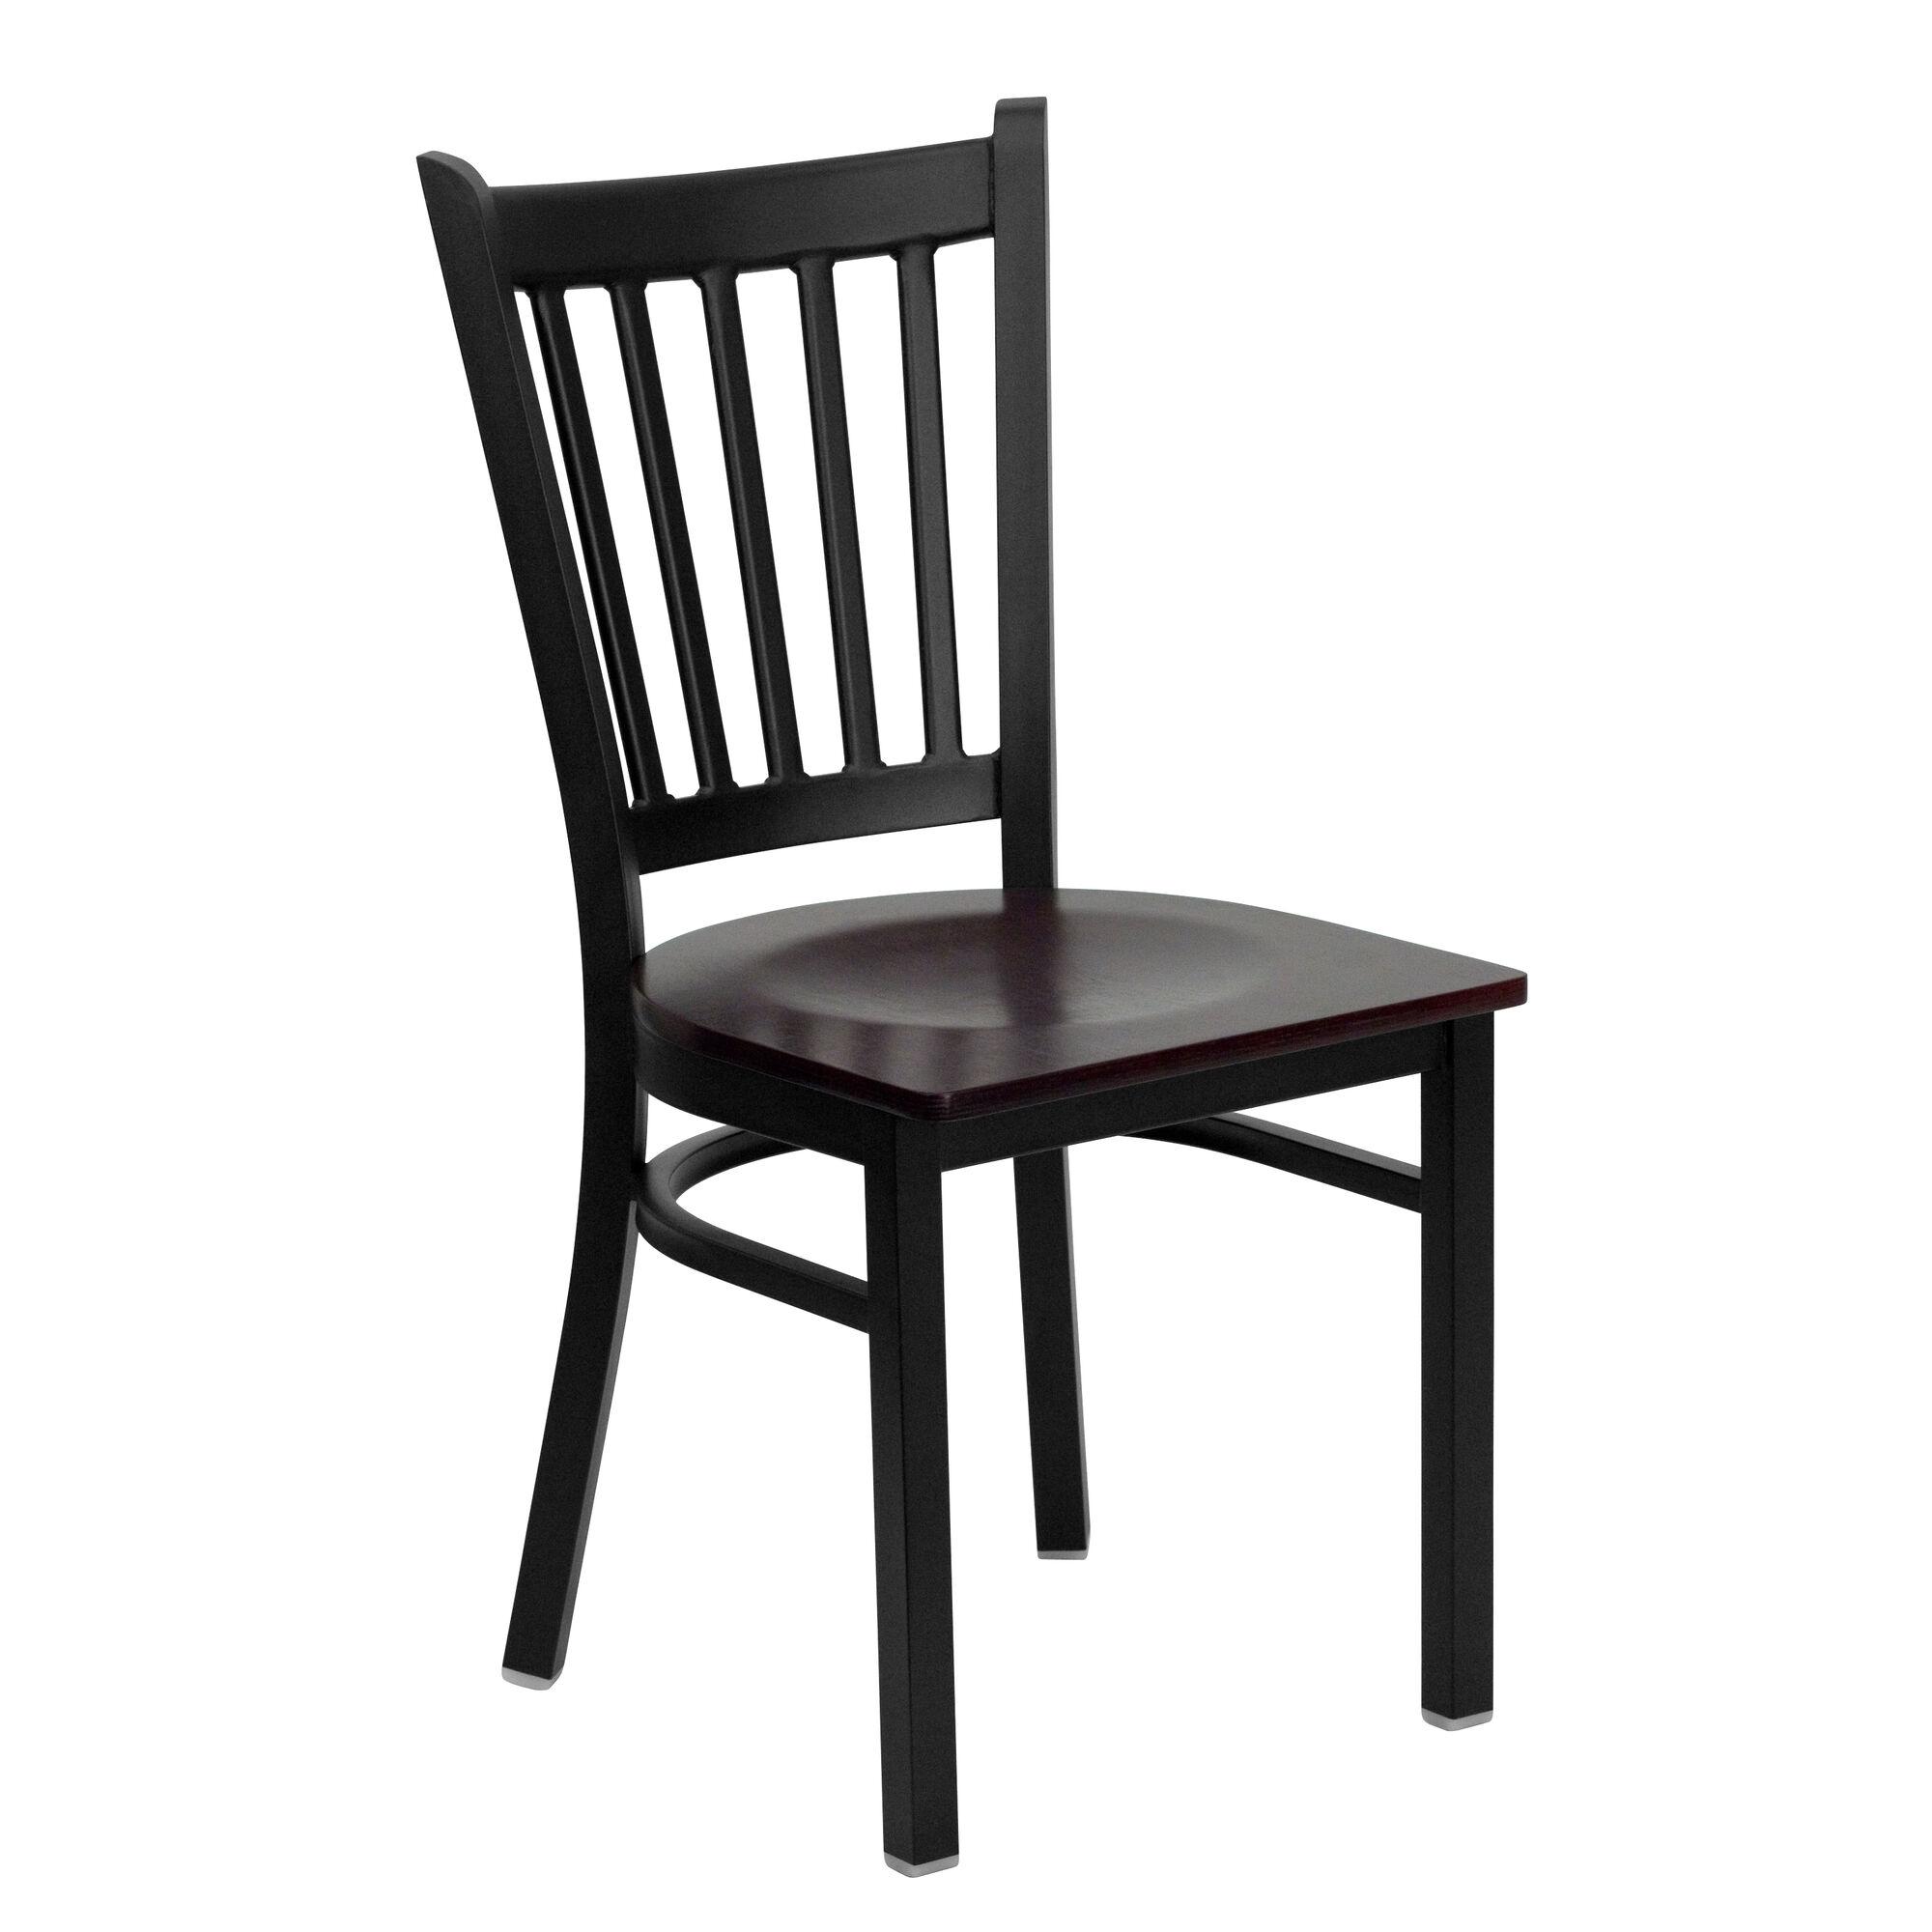 Black vert chair mah seat bfdh mwtrv tdr